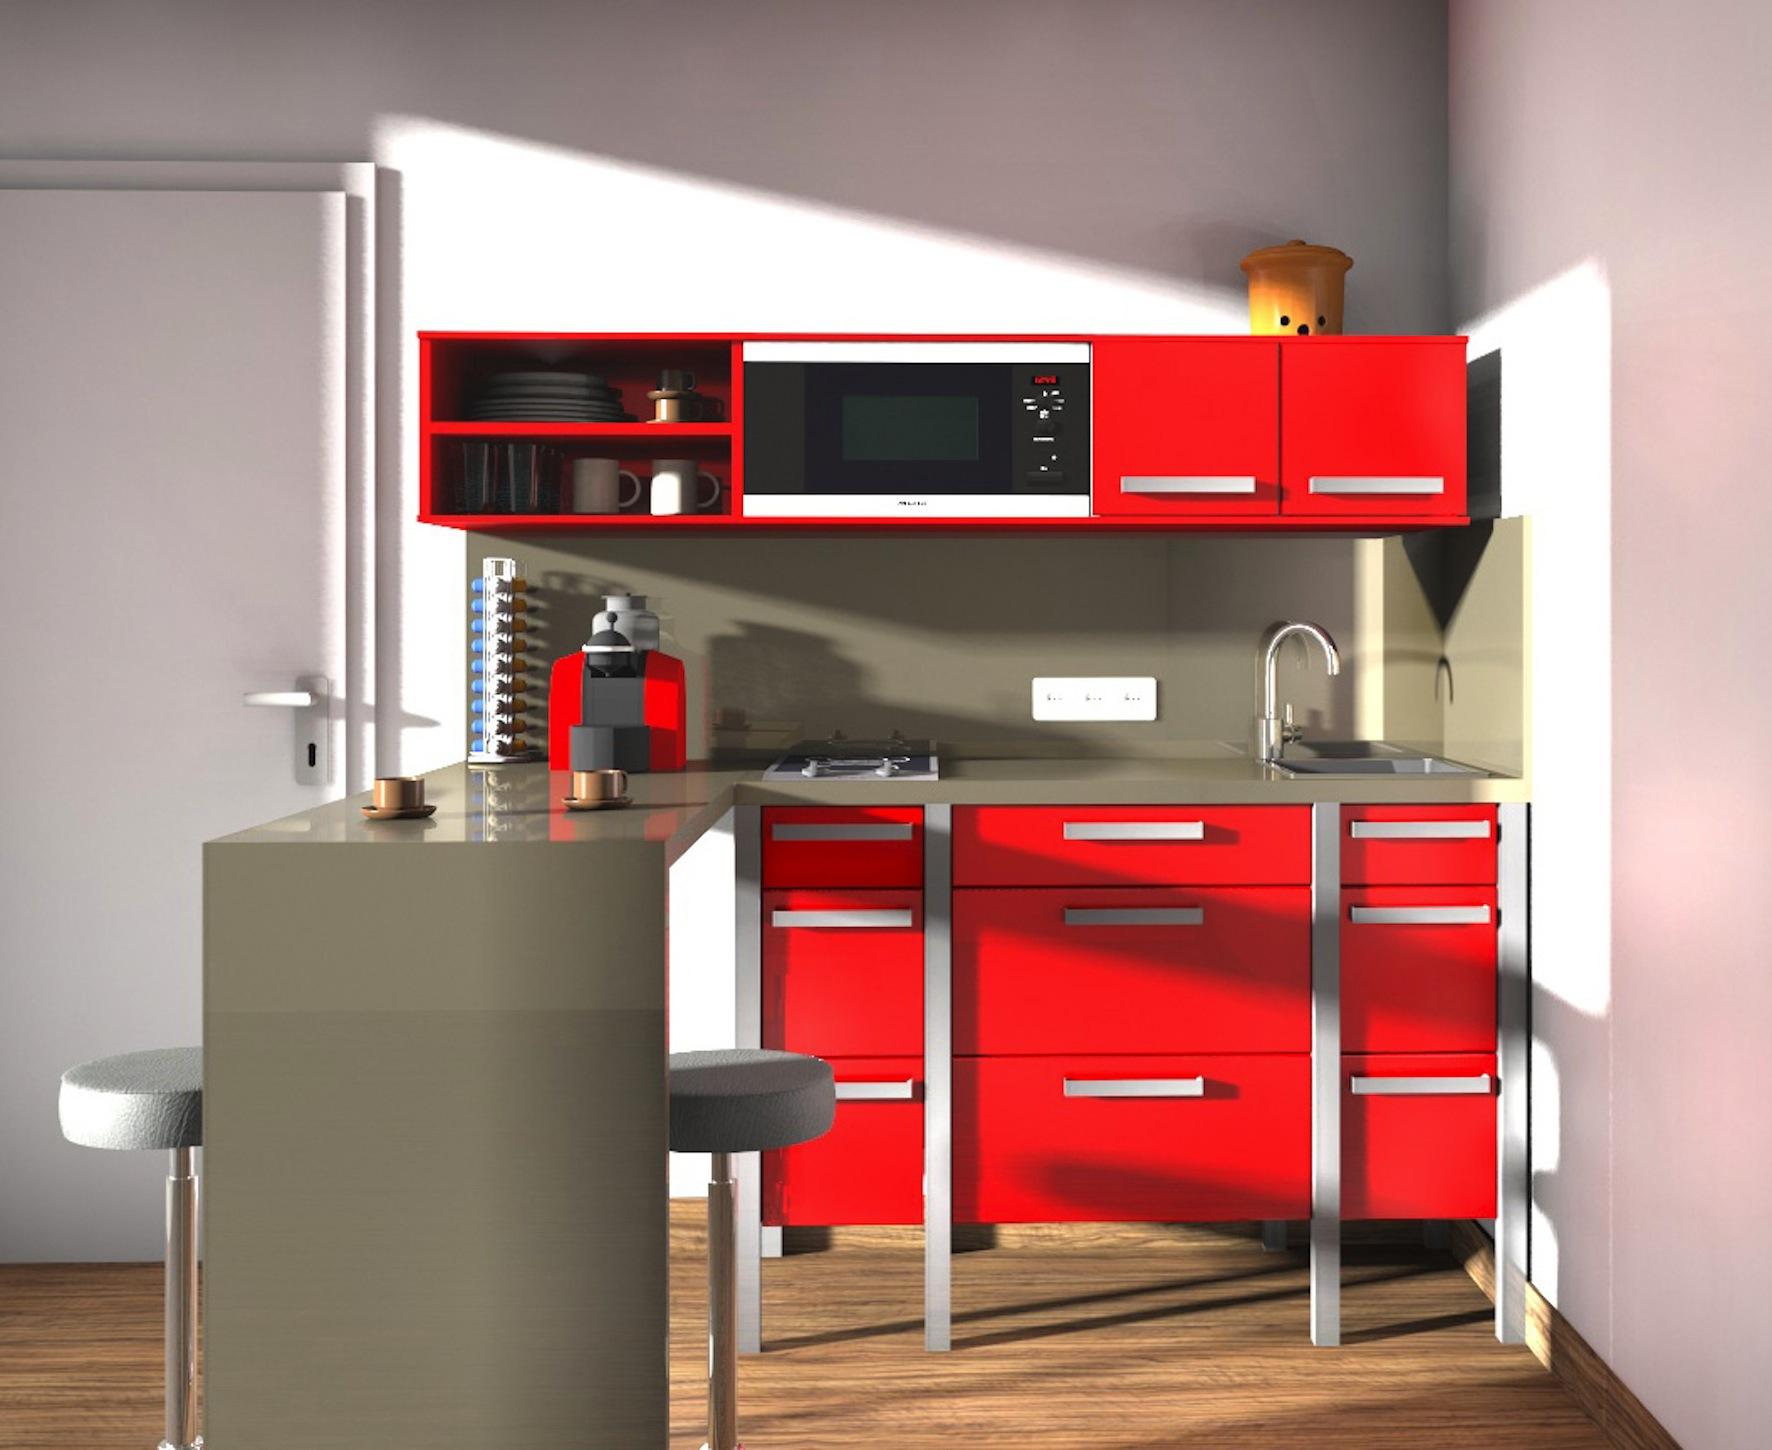 Modulare Küchensysteme für flexible Bedürfnisse » Bauen - Wohnen ... | {Küchensysteme 10}